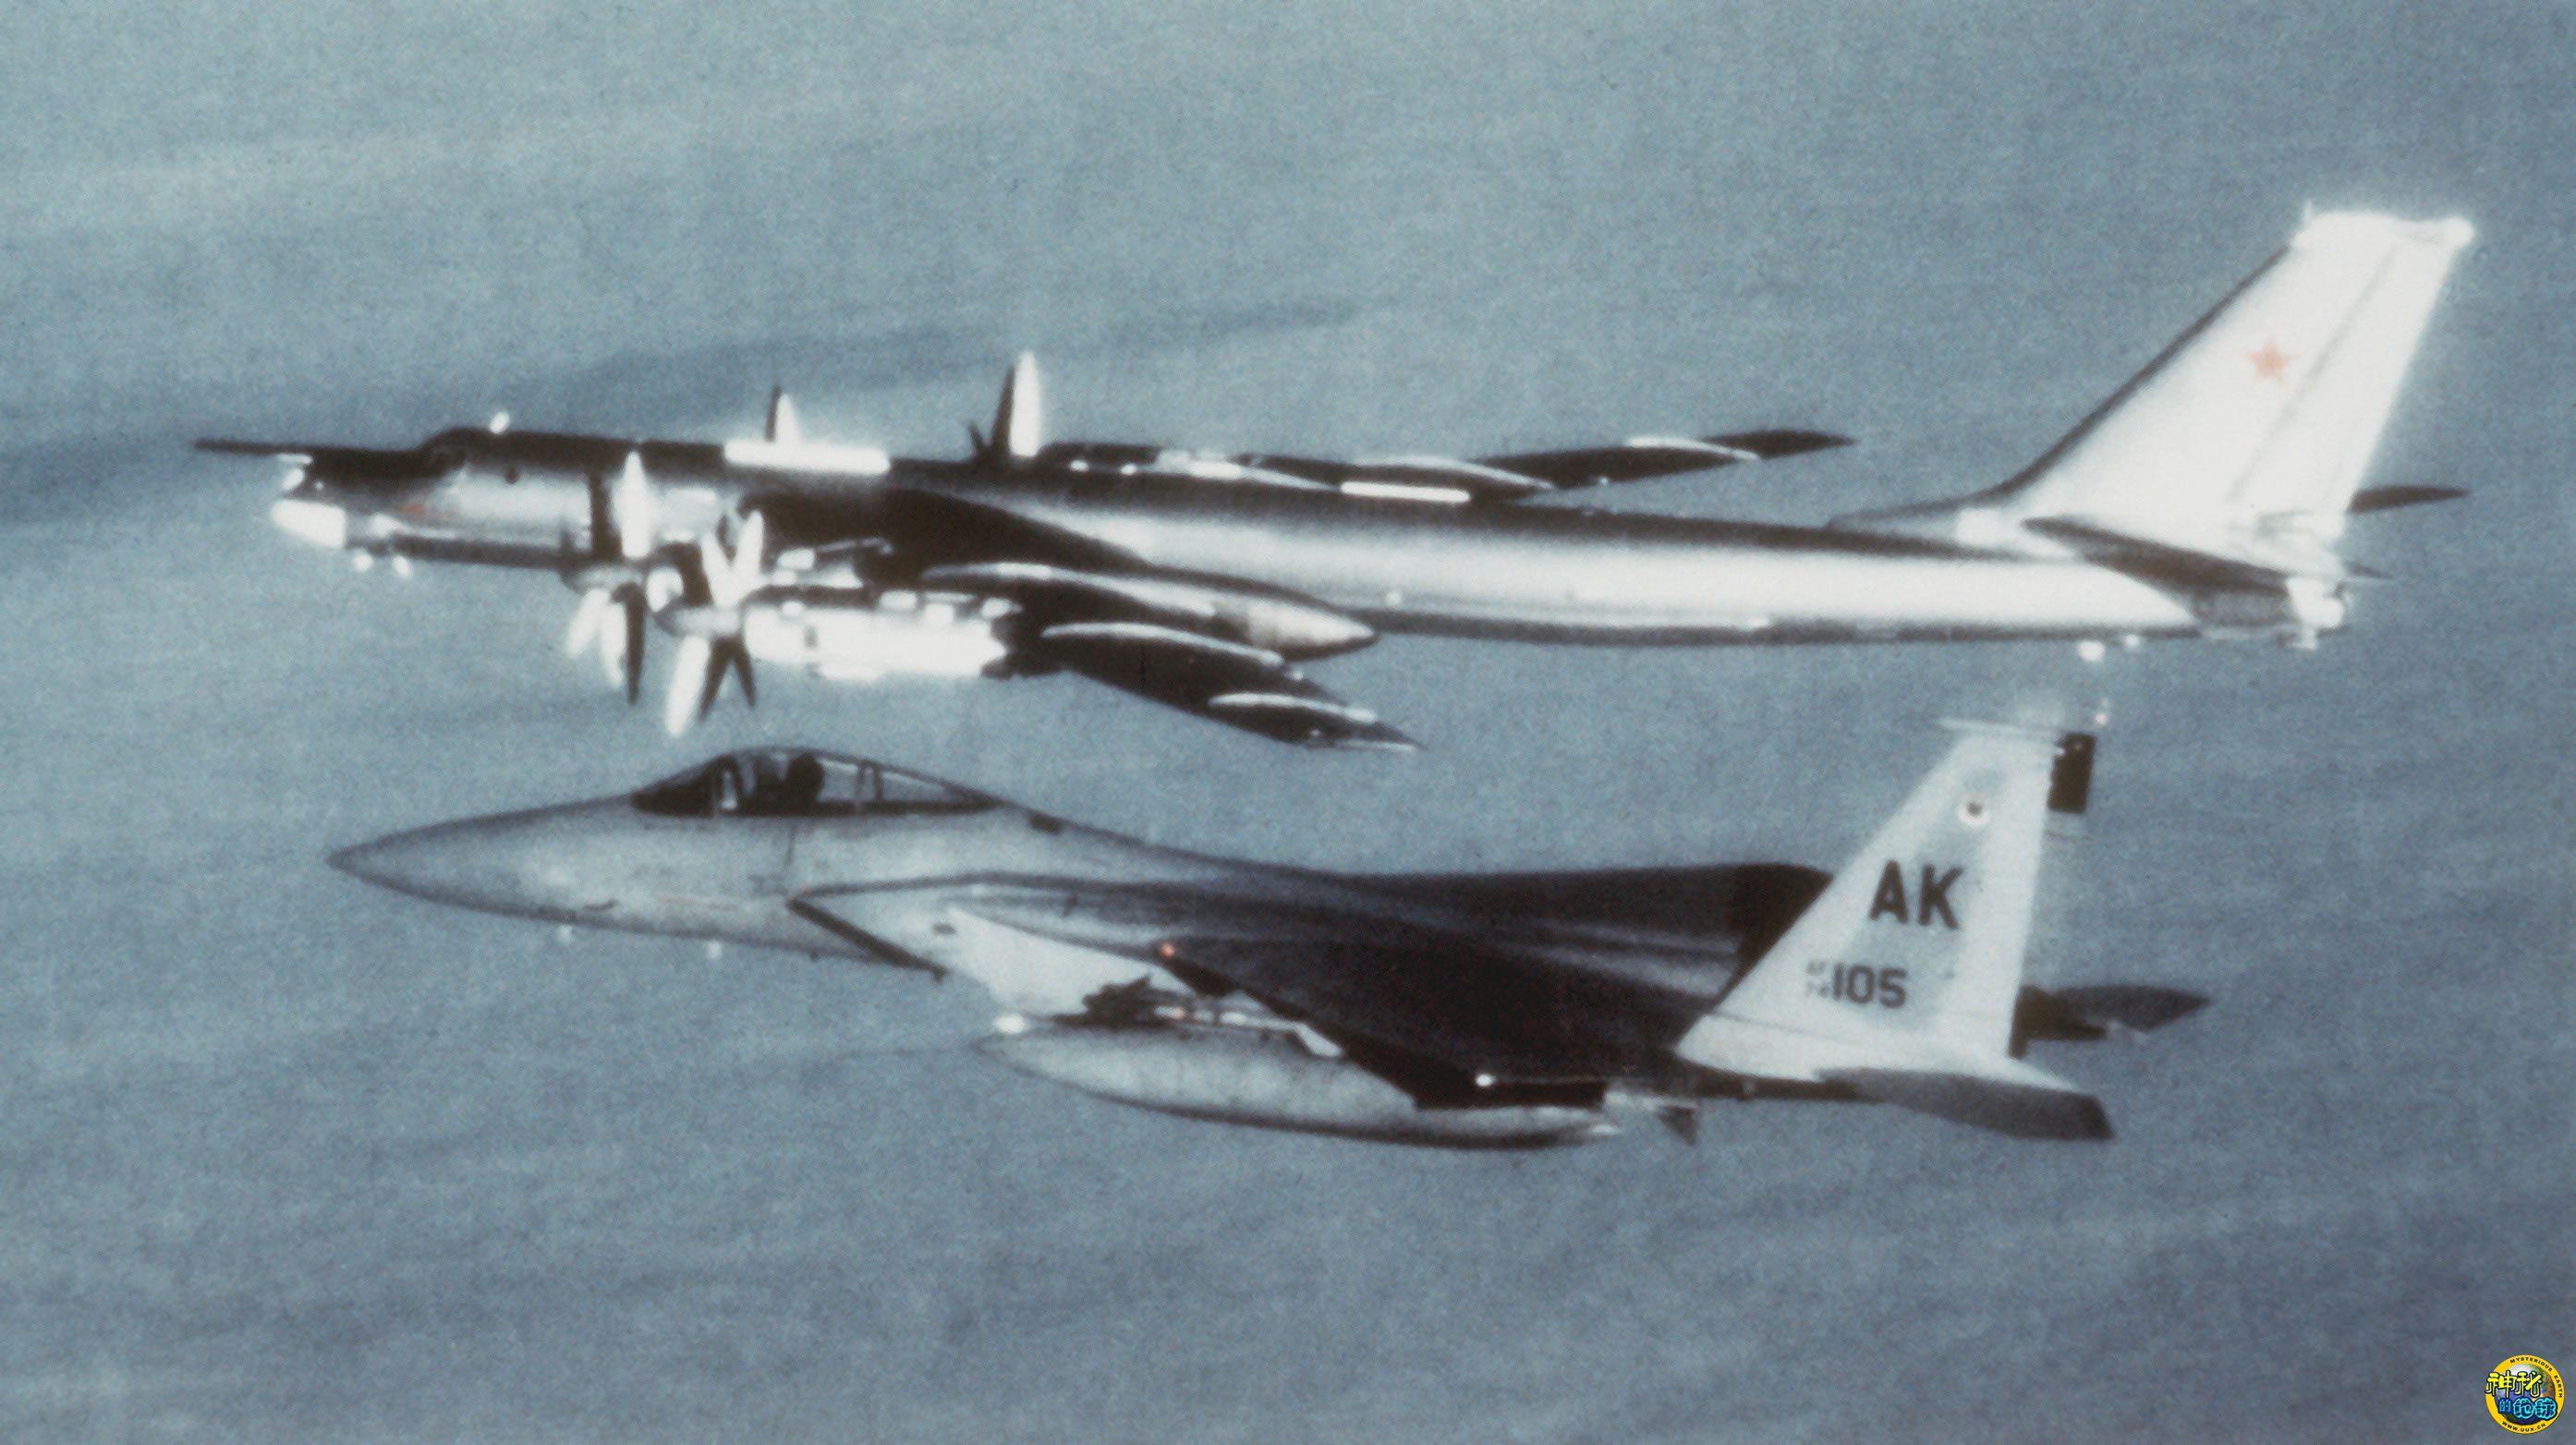 Tu 95 (航空機)の画像 p1_35